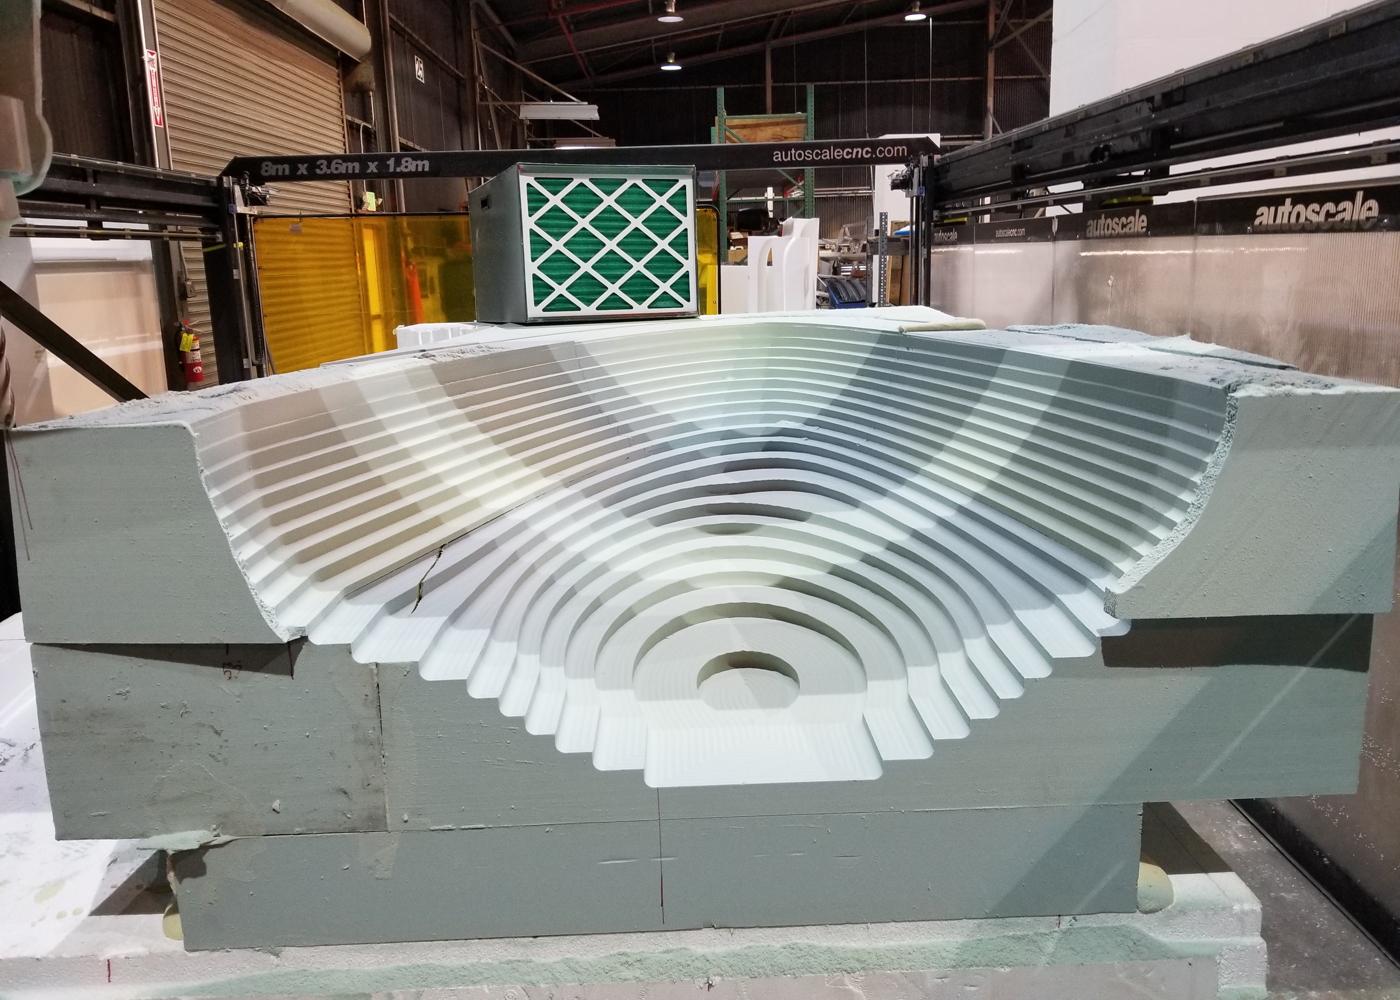 Autoscale CNC mold